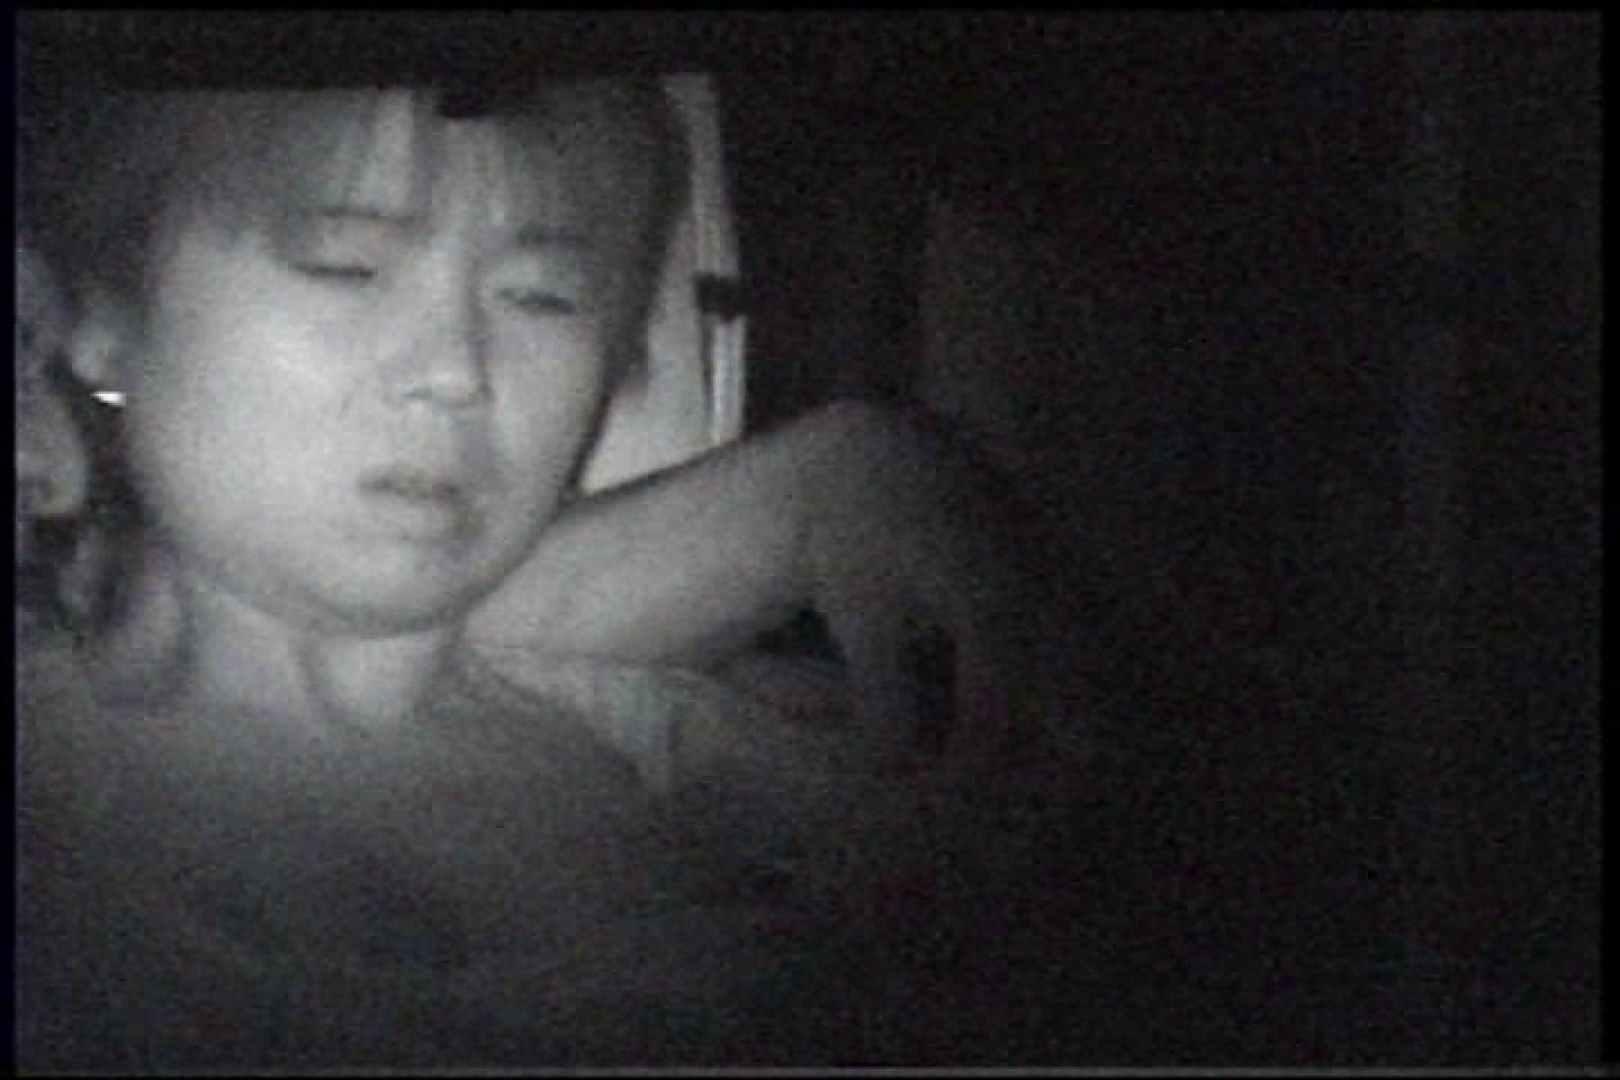 充血監督の深夜の運動会Vol.238 OLセックス | プライベート  60画像 39